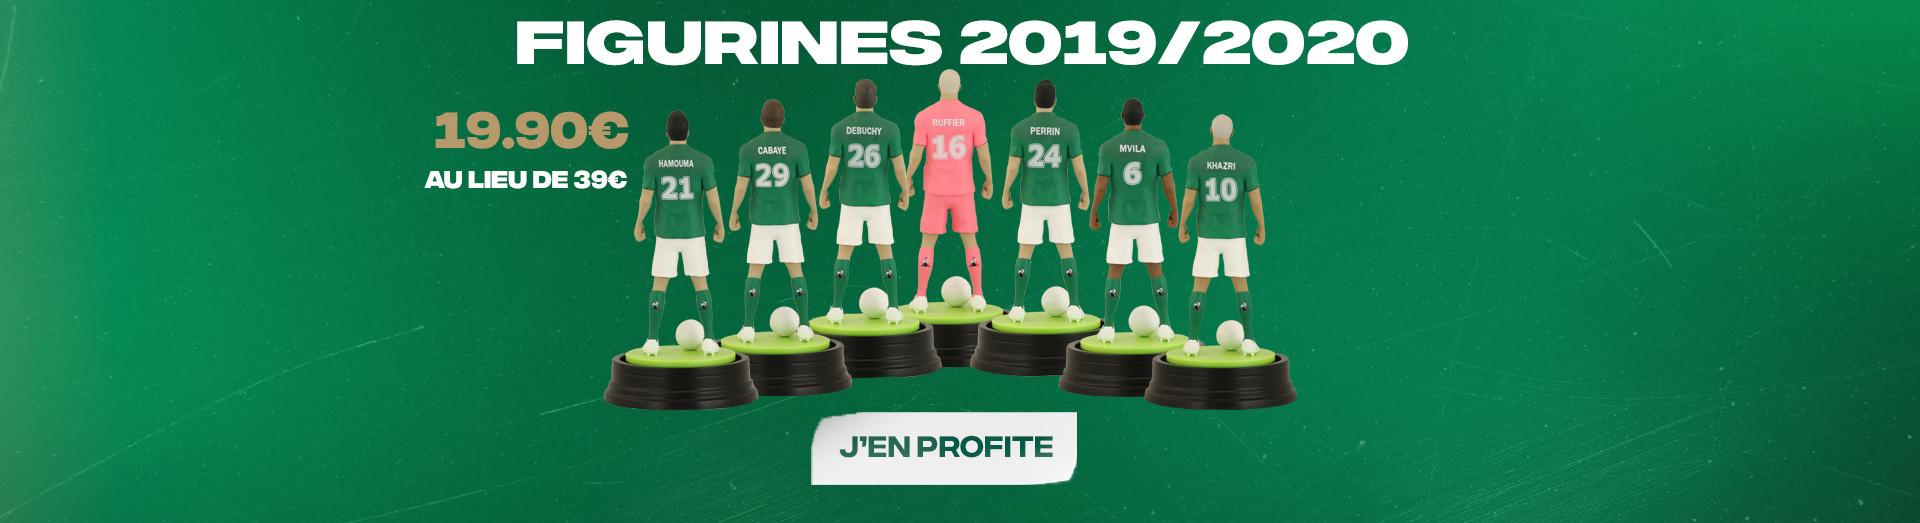 Figurines joueurs ASSE 2019 / 2020